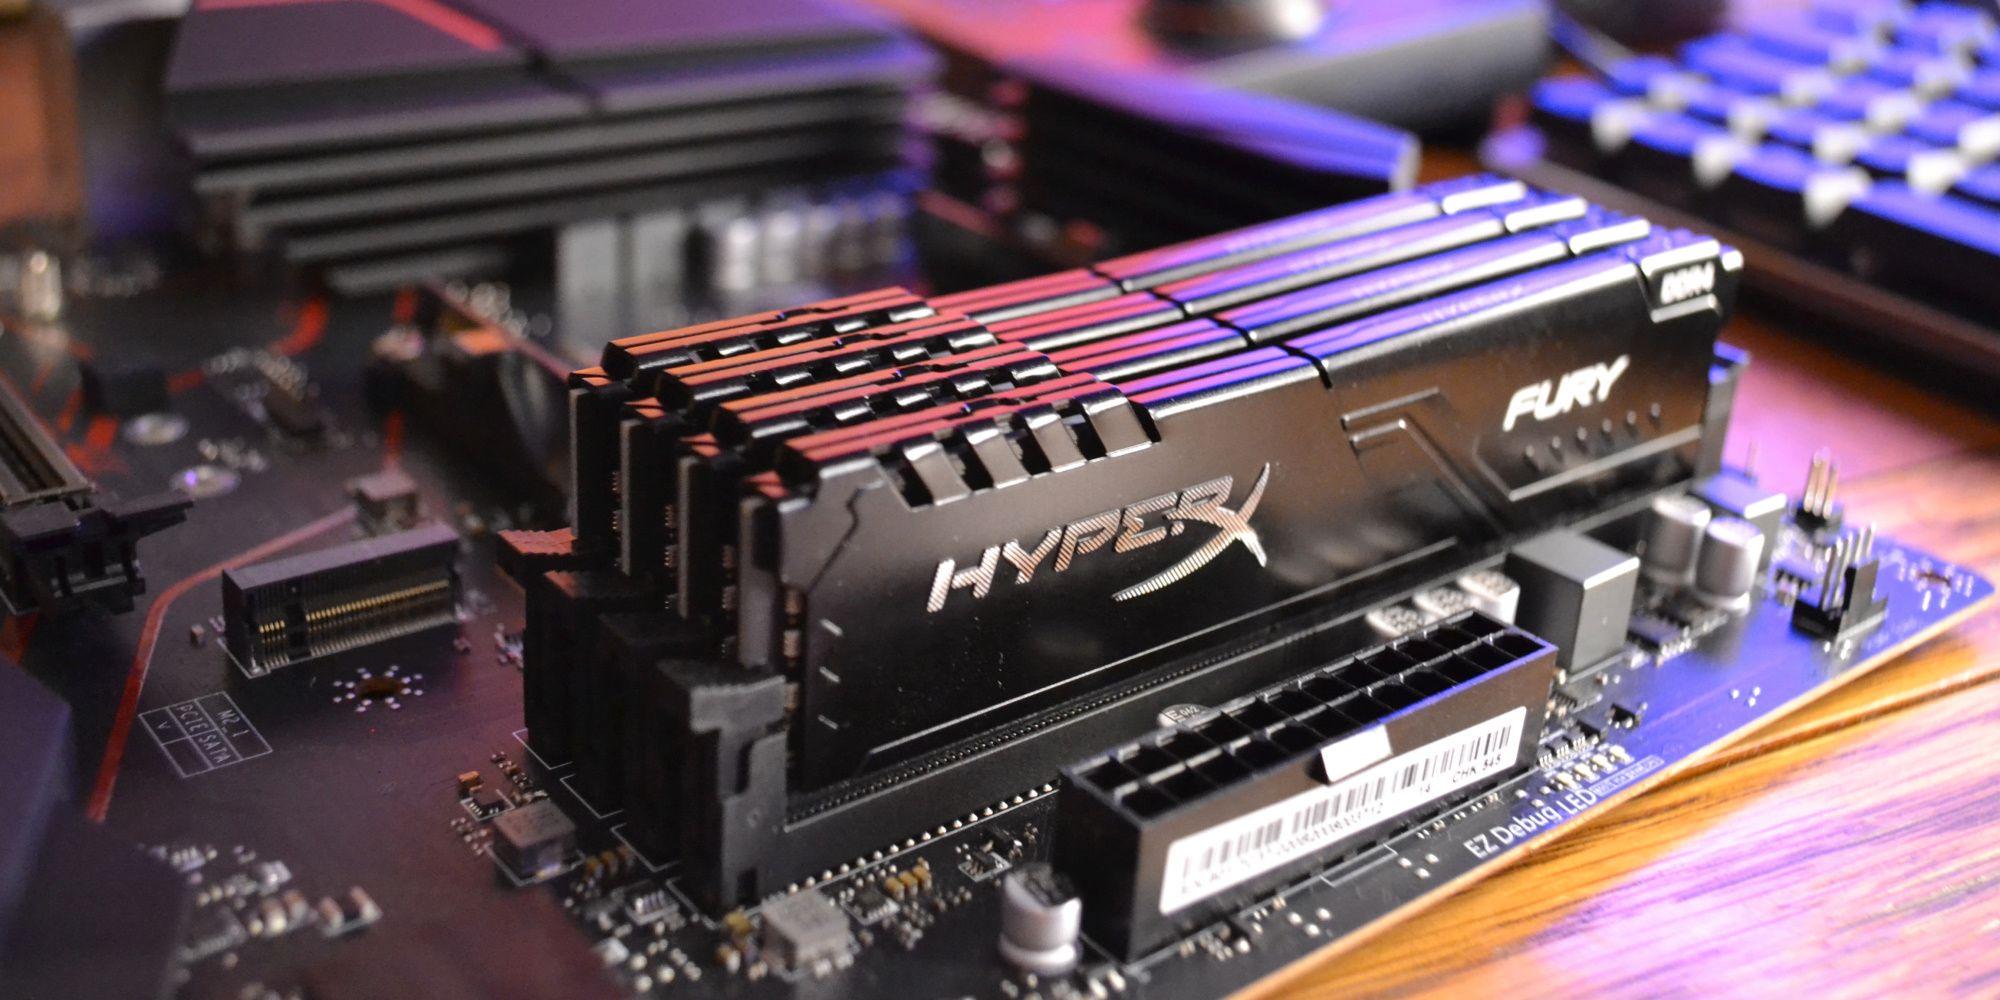 RAM For Maximum Performance